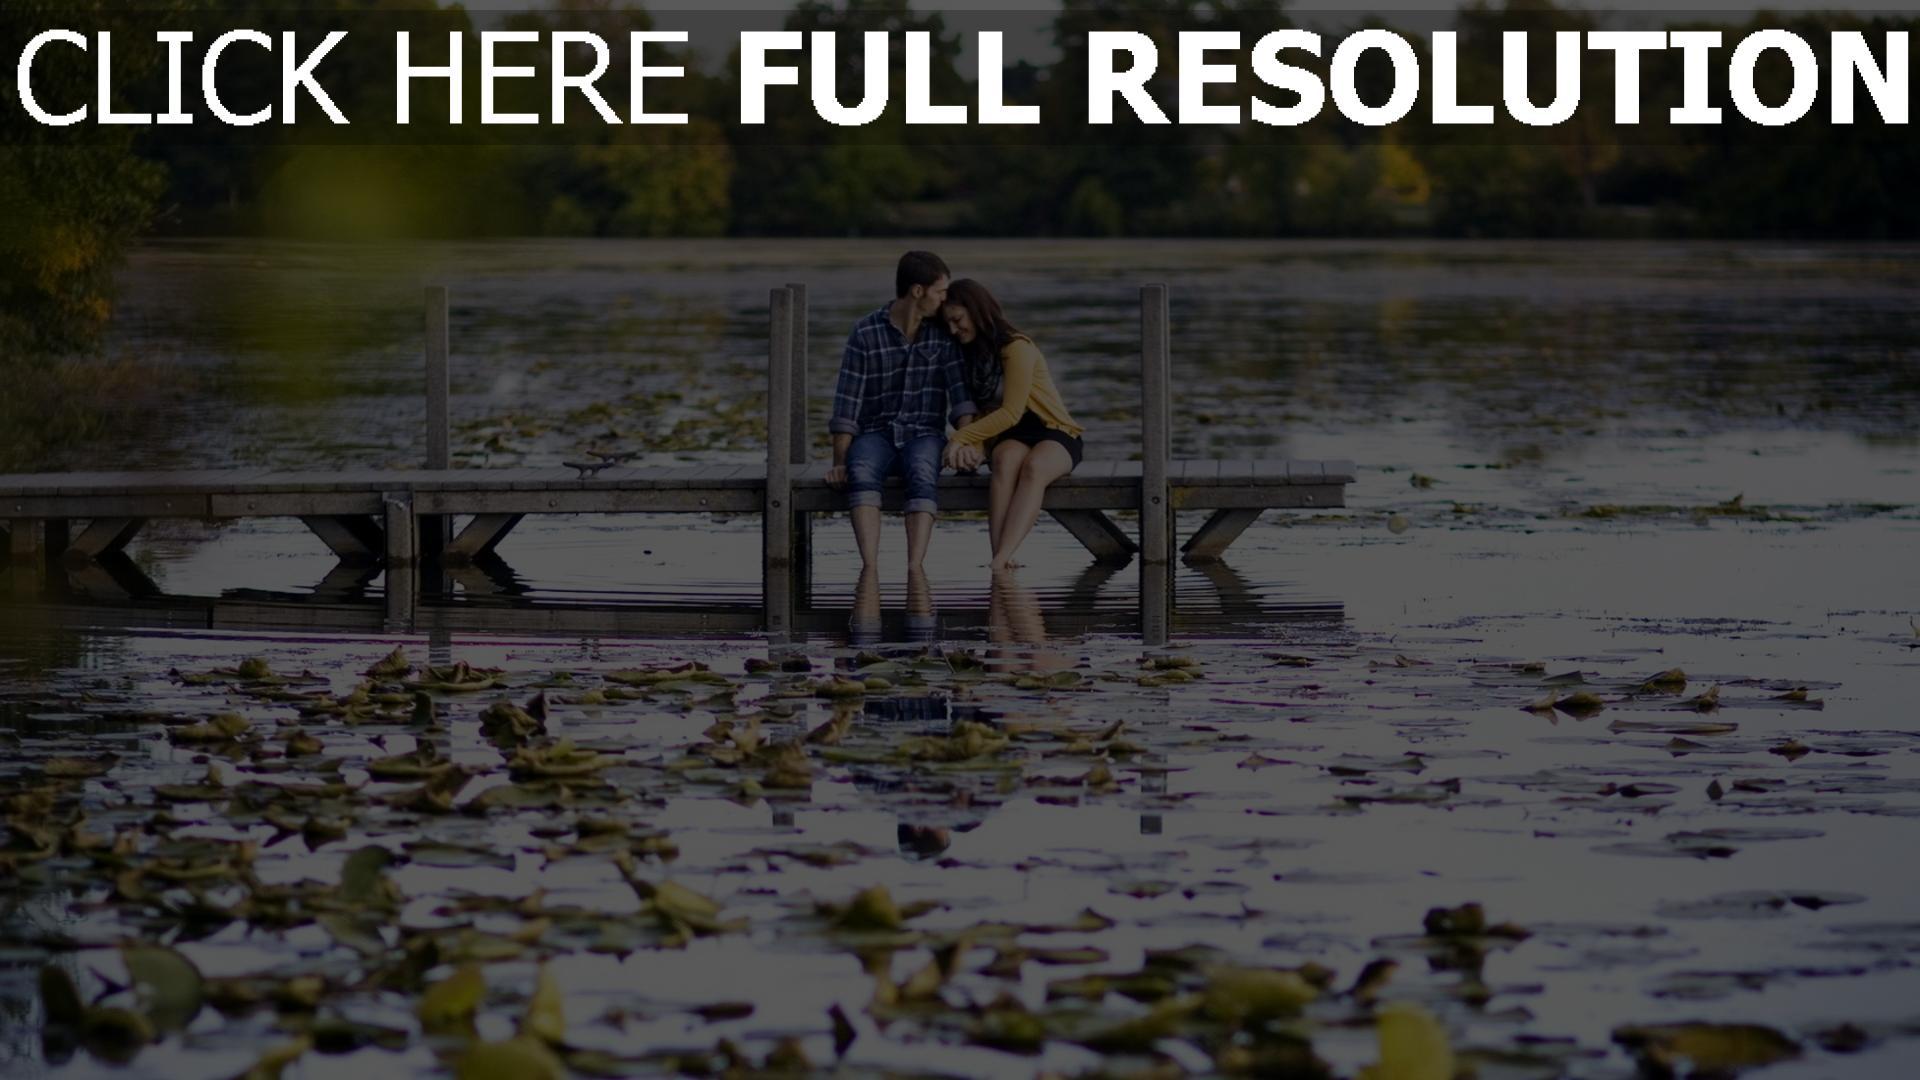 hd hintergrundbilder paar fluss natur zärtlichkeit romantik 1920x1080